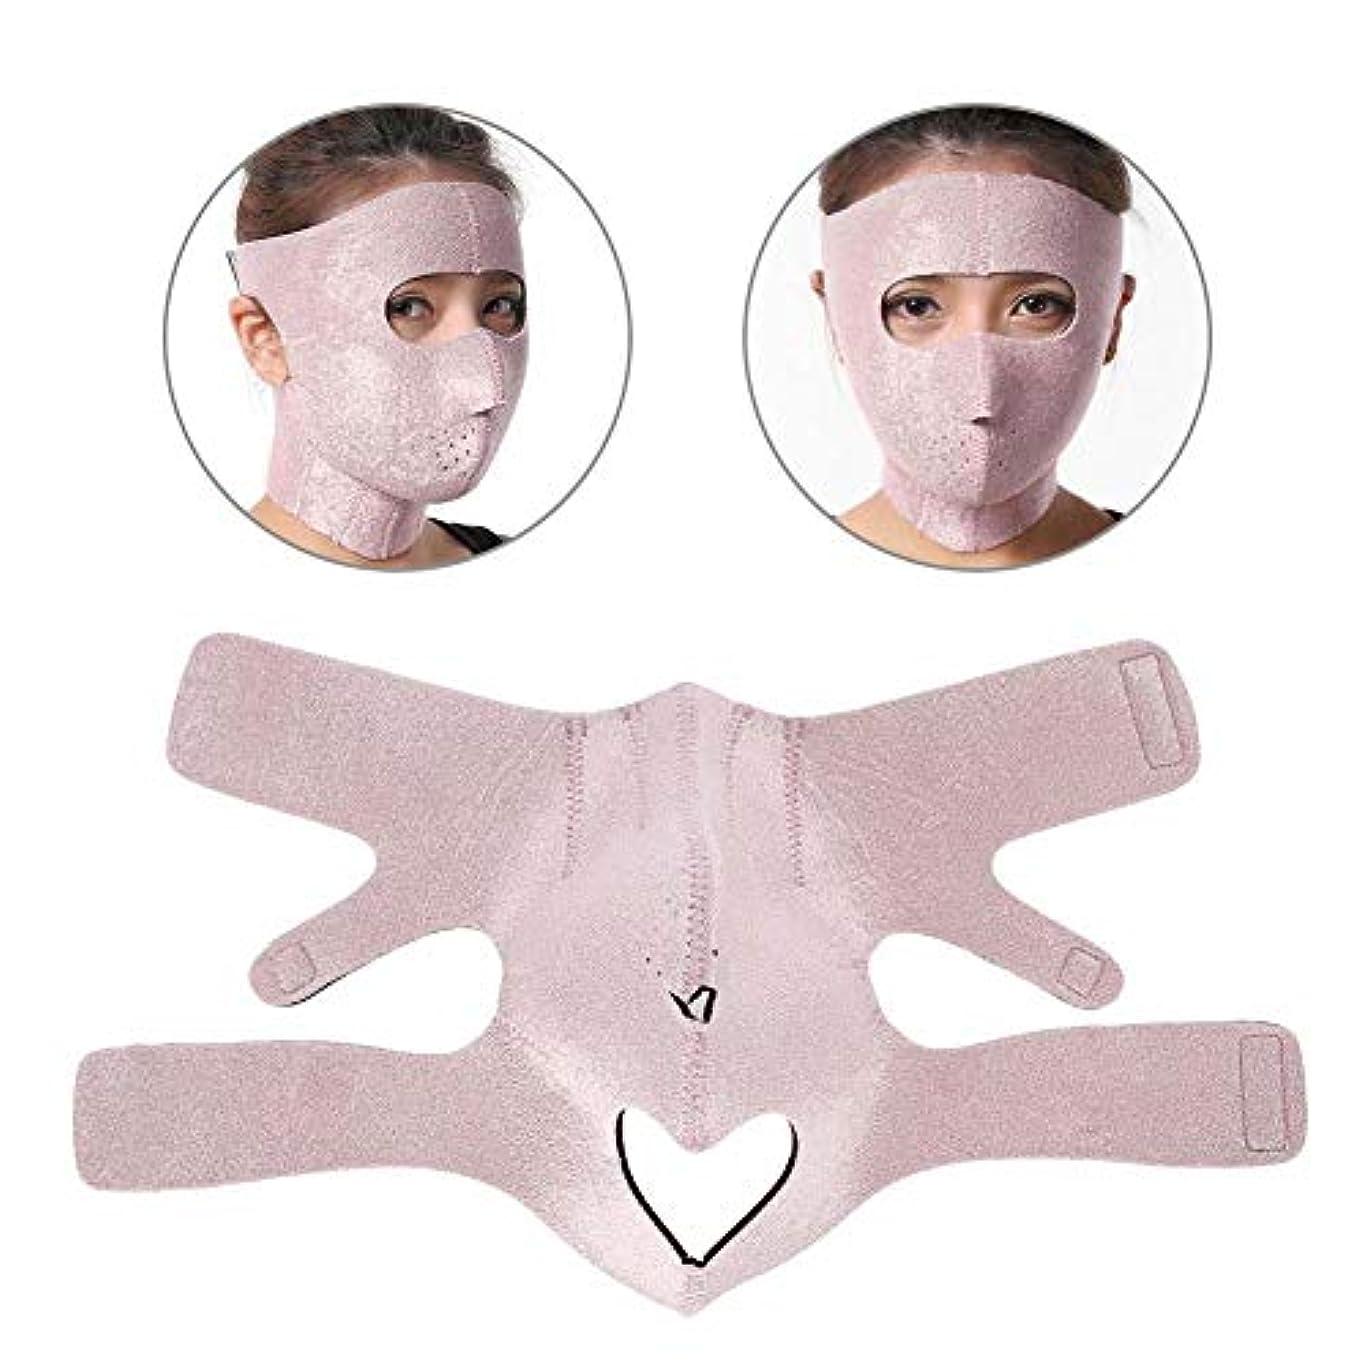 かすれた蜂同級生顔の輪郭を改善する 美容包帯 フェイスリフト用フェイスマスク 通気性/伸縮性/変形不可